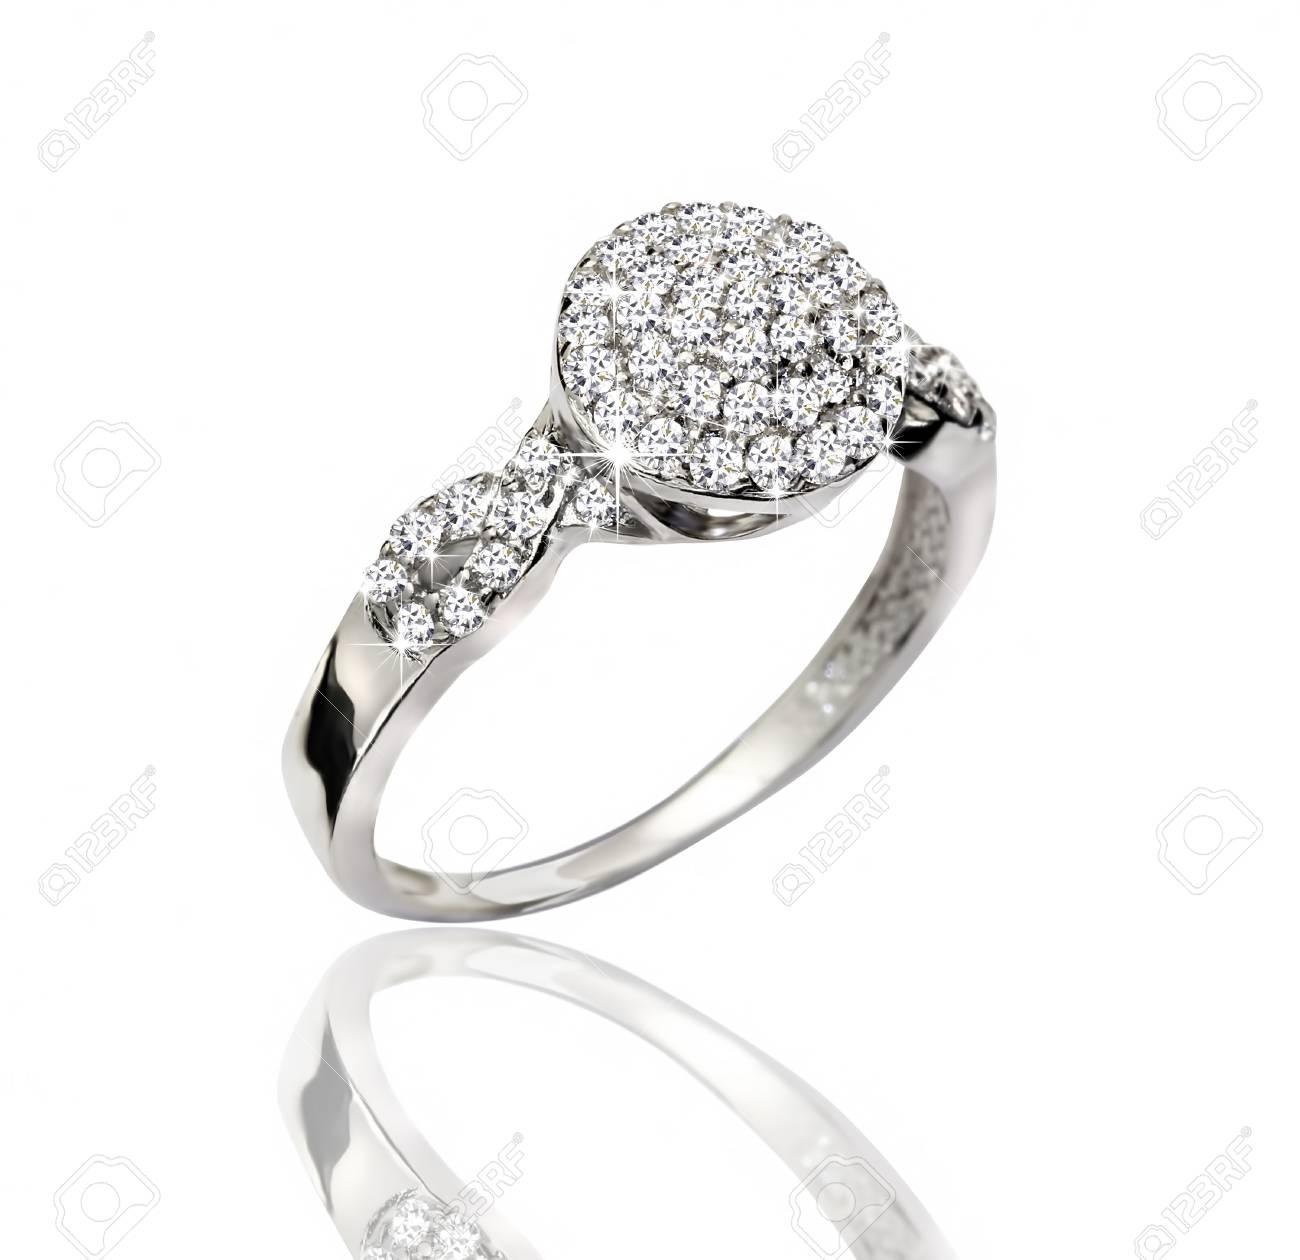 envío complementario outlet(mk) zapatos de temperamento El mejor anillo de compromiso, de oro con piedra. ilustración 3D